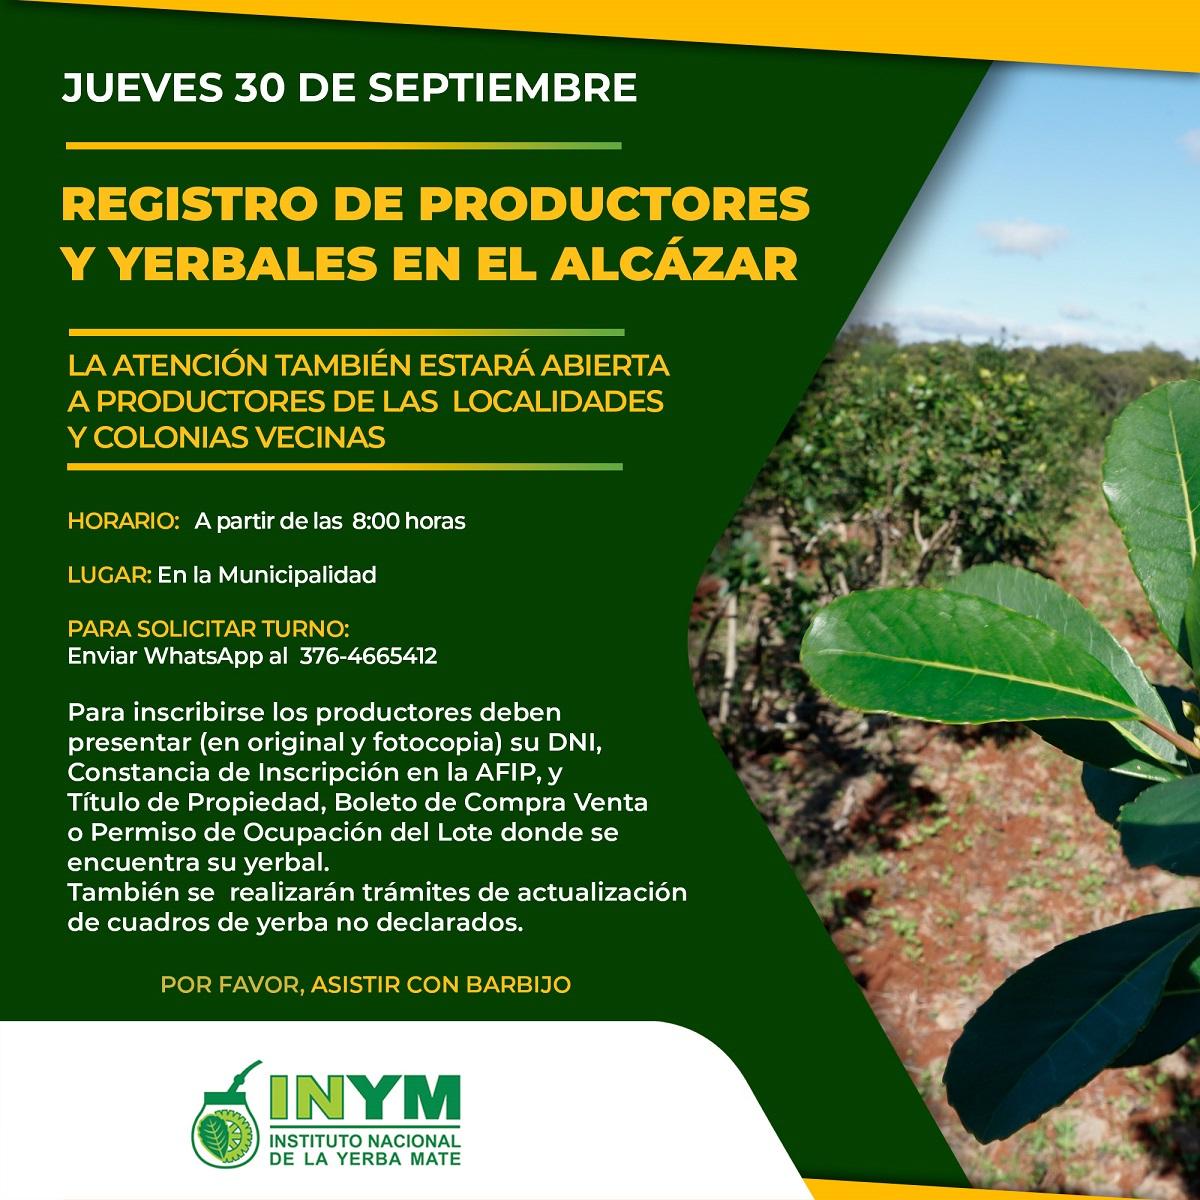 Registro de Productores y Yerbales en septiembre: el INYM dio a conocer el cronograma de su Oficina Móvil